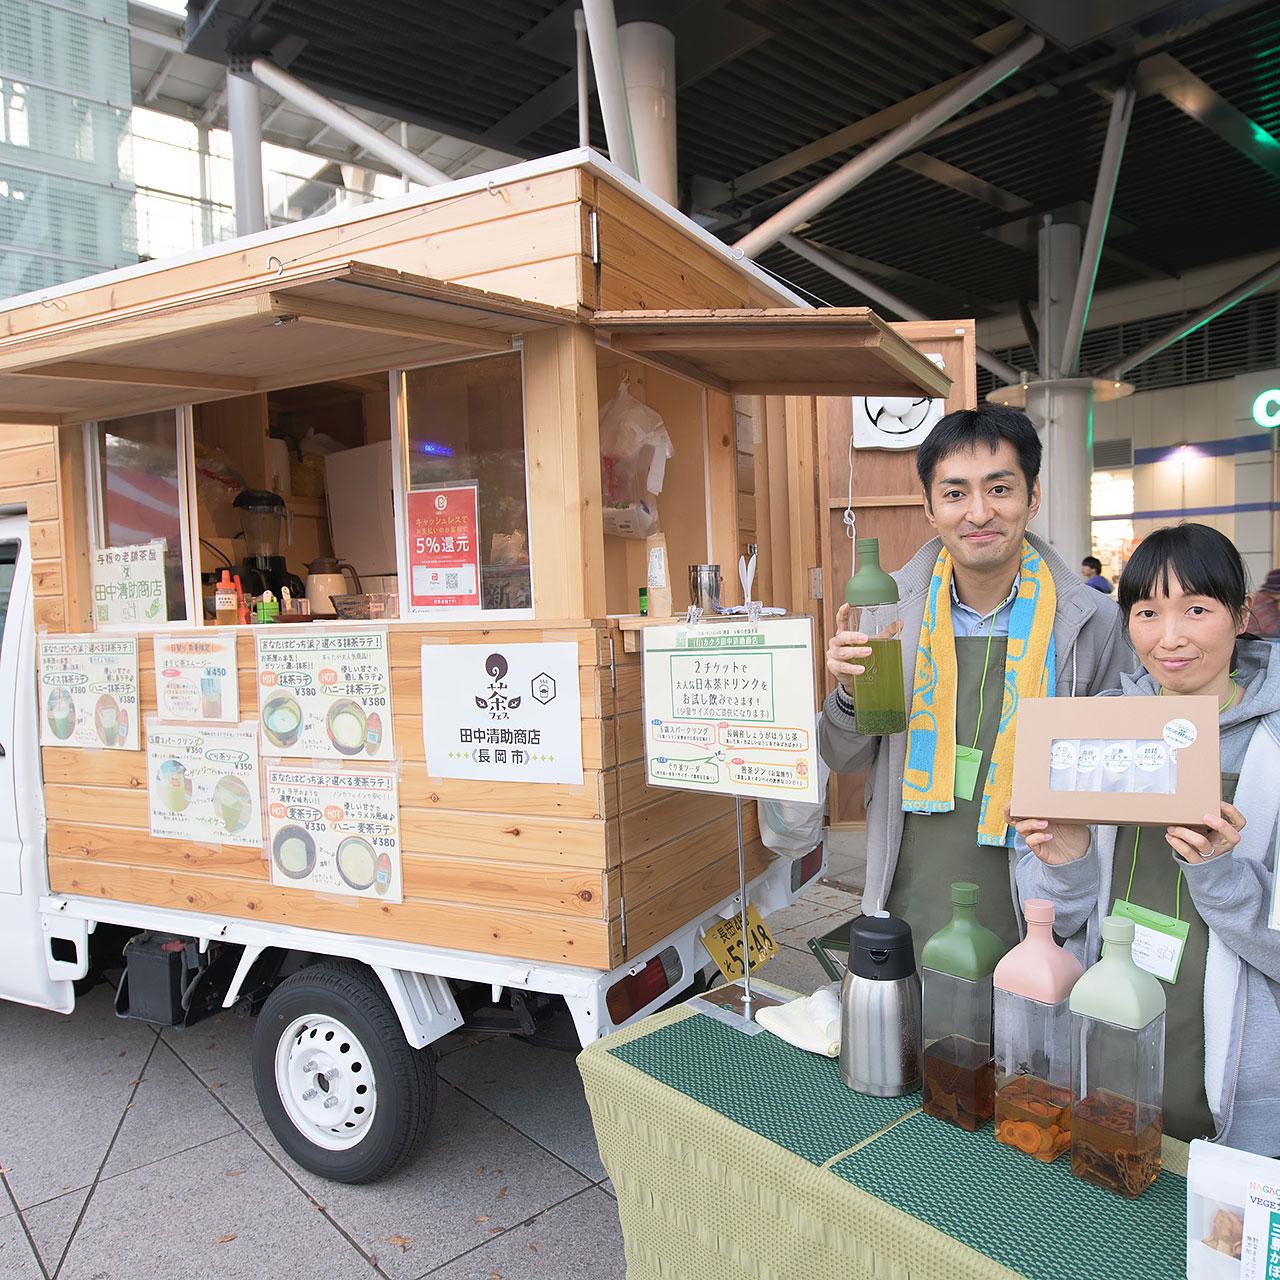 写真 : 2019年第3回新潟お茶フェス(新潟駅南口広場)